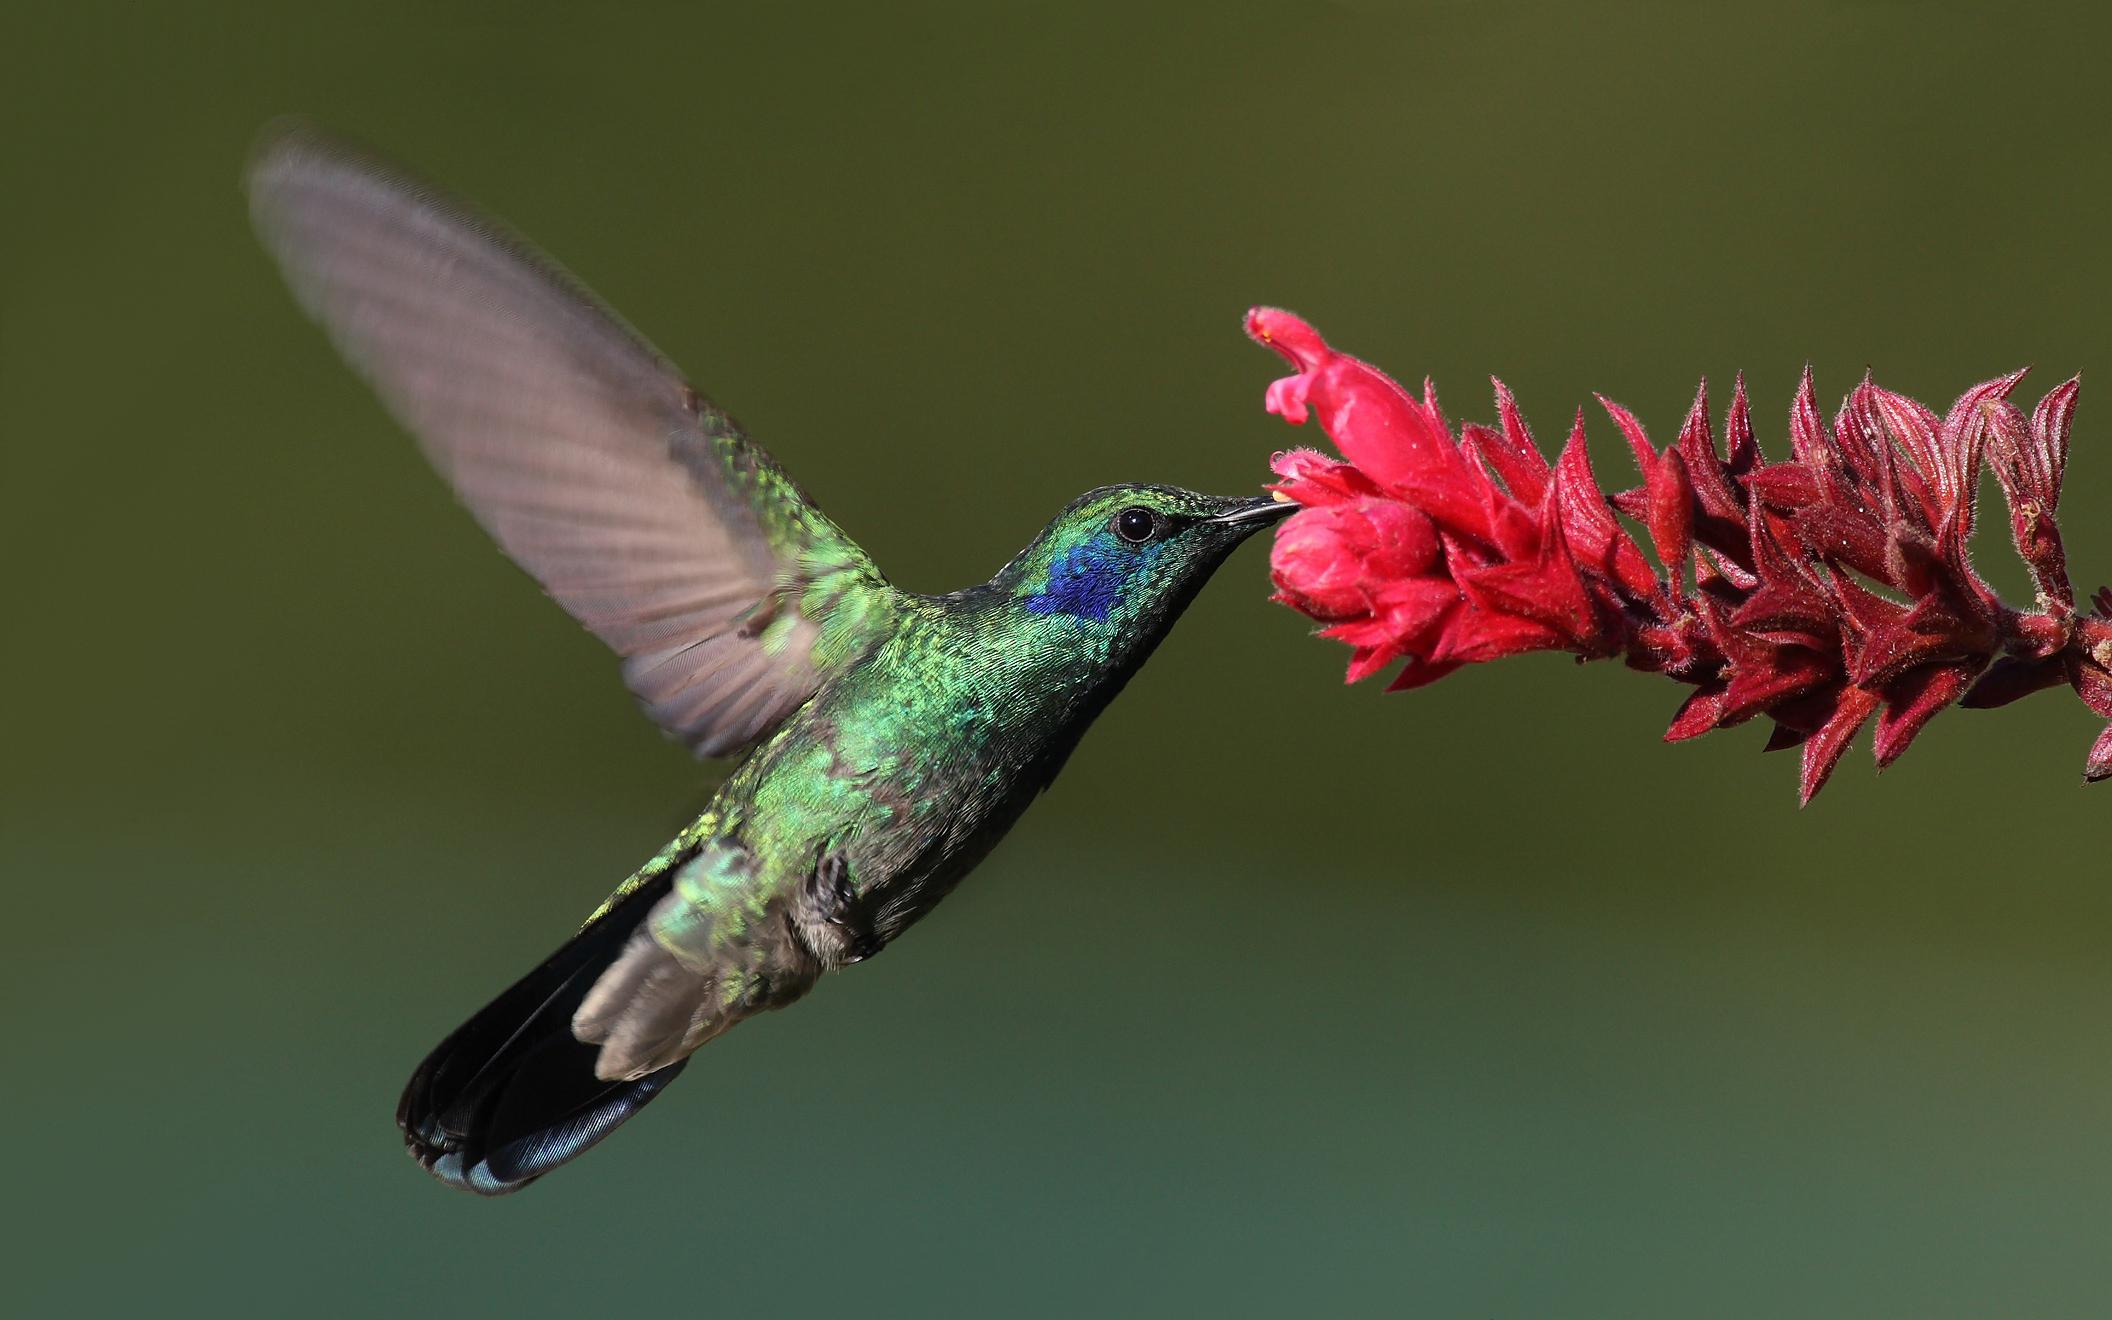 Colibrí alimentandose de flores y polinizando.